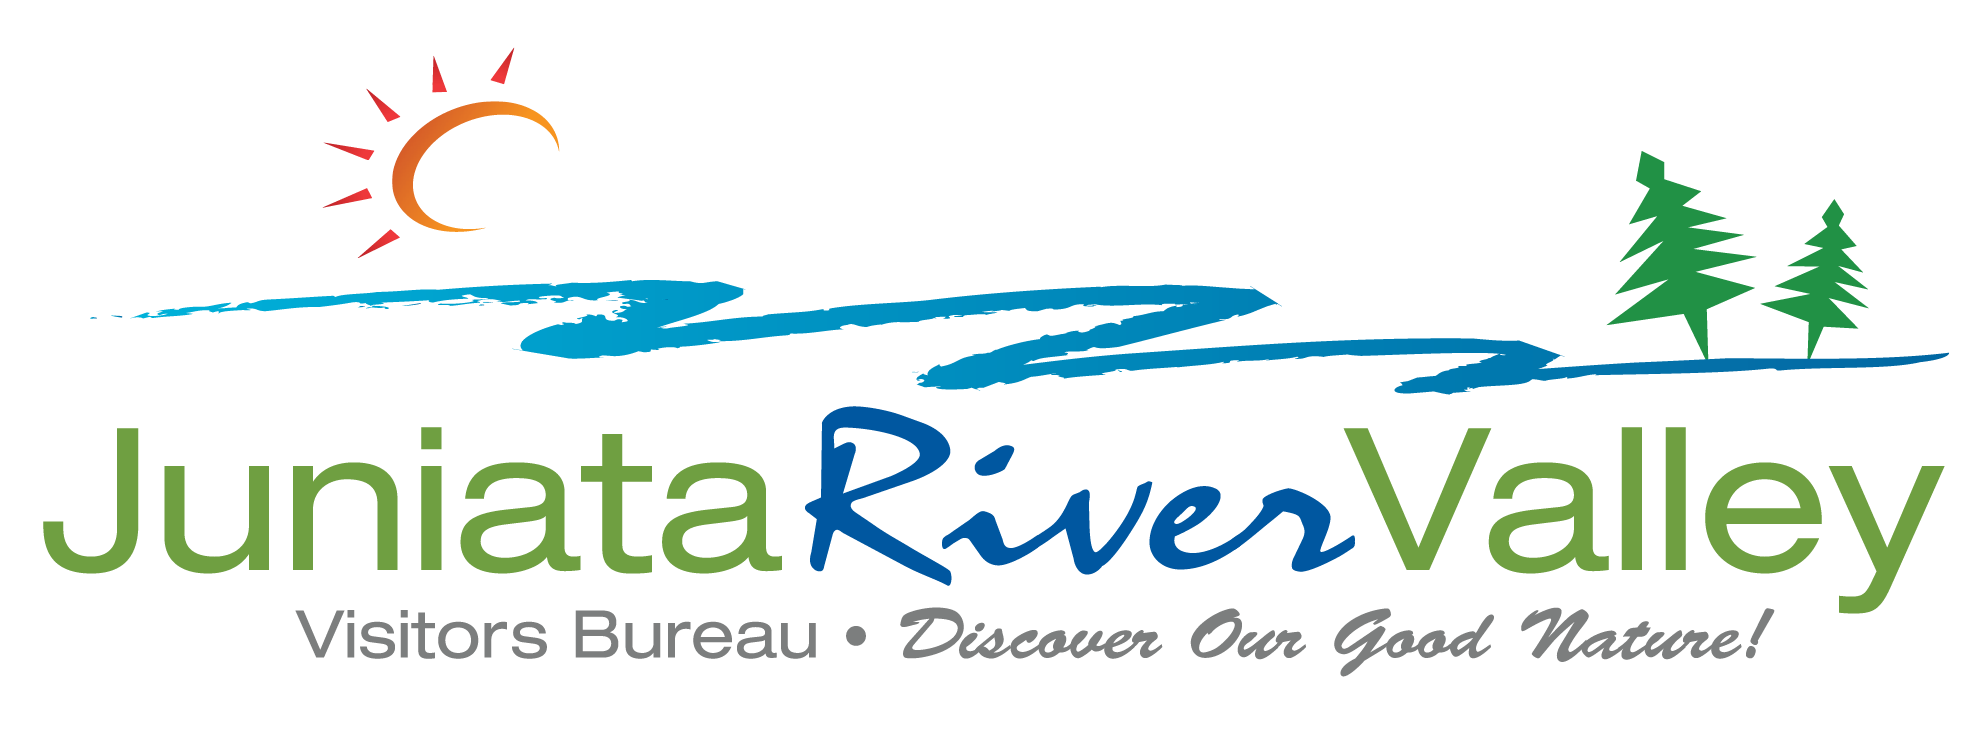 Juniata River Valley Visitors Bureau